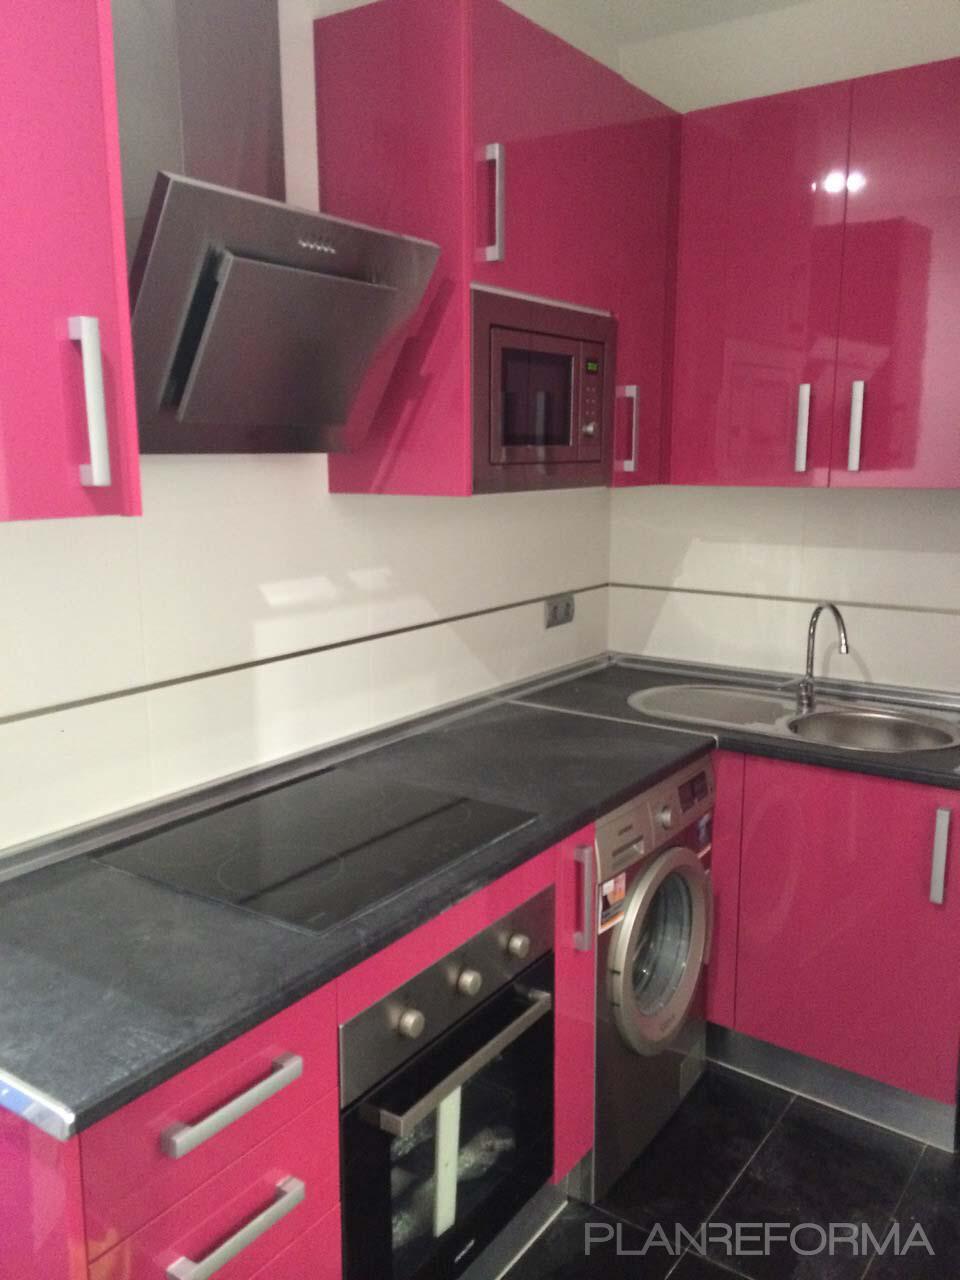 Cocina style moderno color rosa blanco gris plateado - Cocina rosa ...